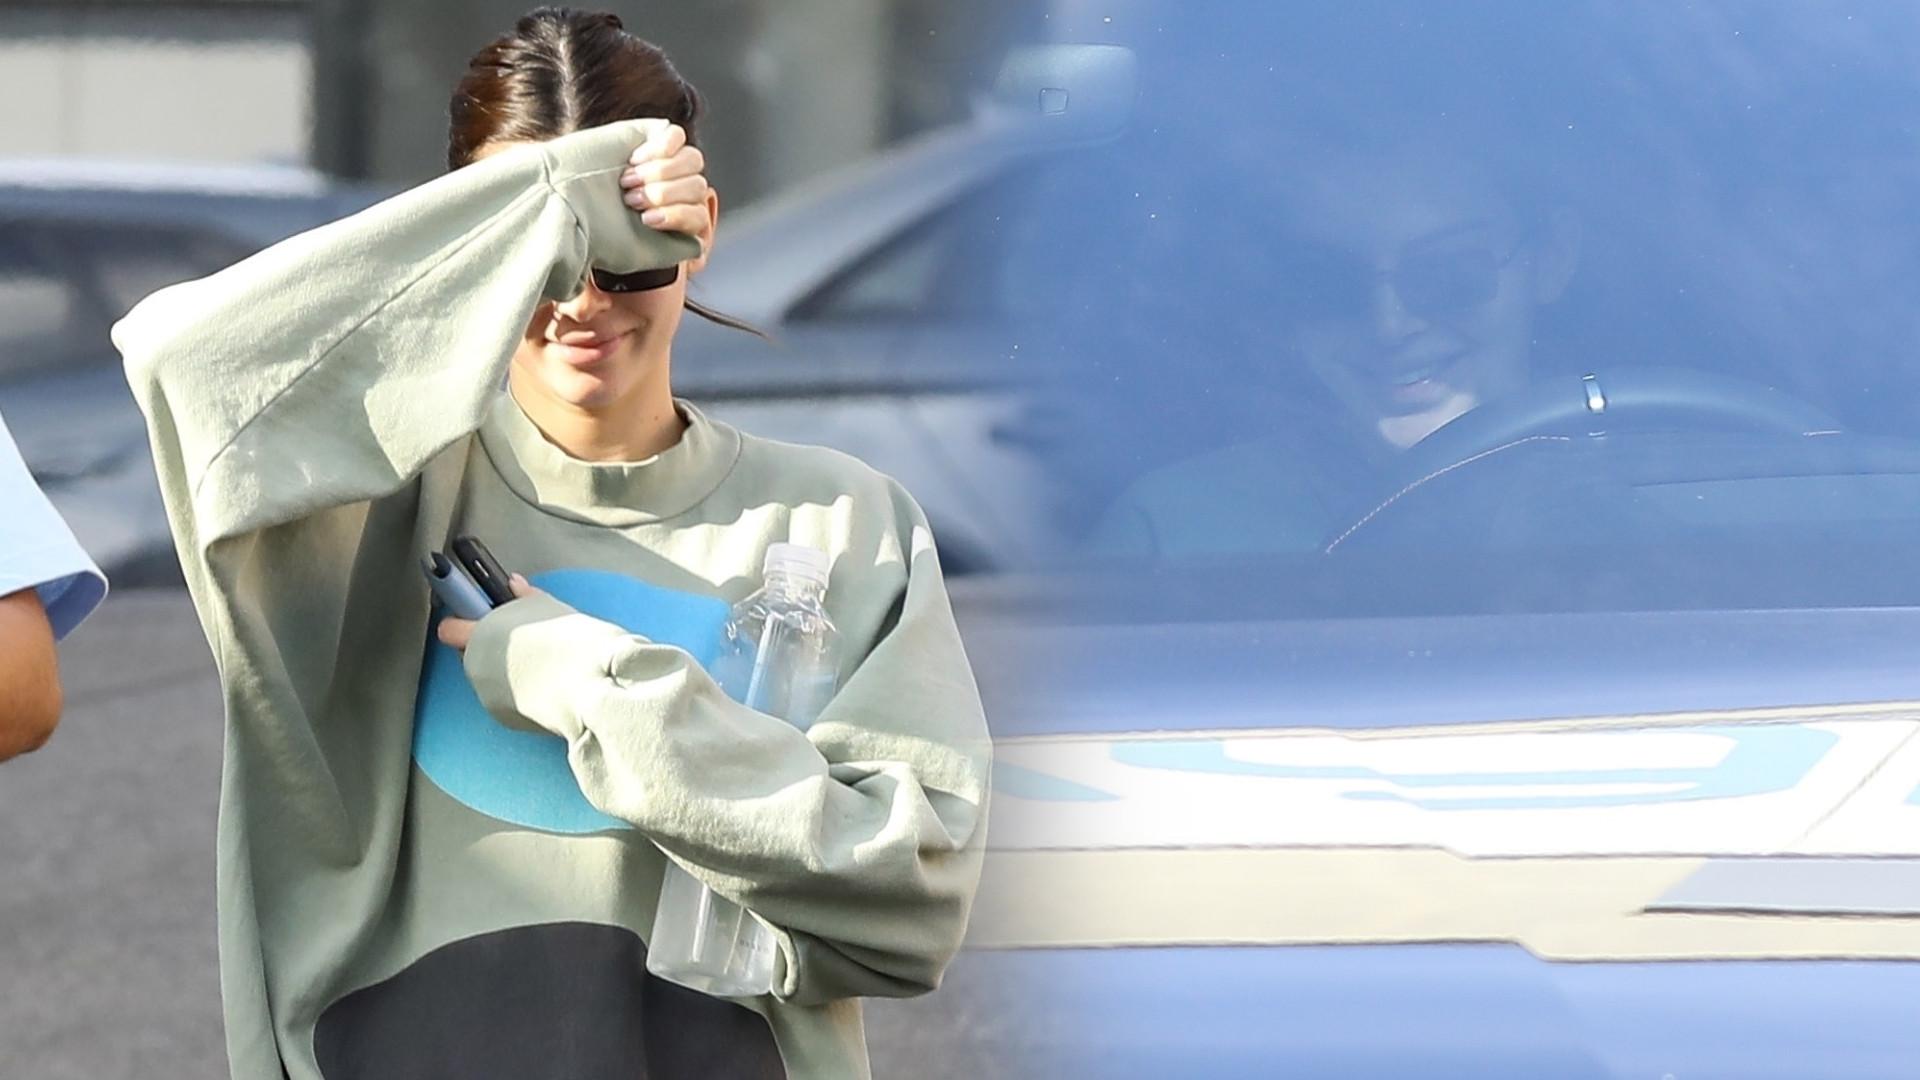 Kendall Jenner sfotografowana podczas schadzki z chłopakiem – próbowała ukryć się przed paparazzi (ZDJĘCIA)